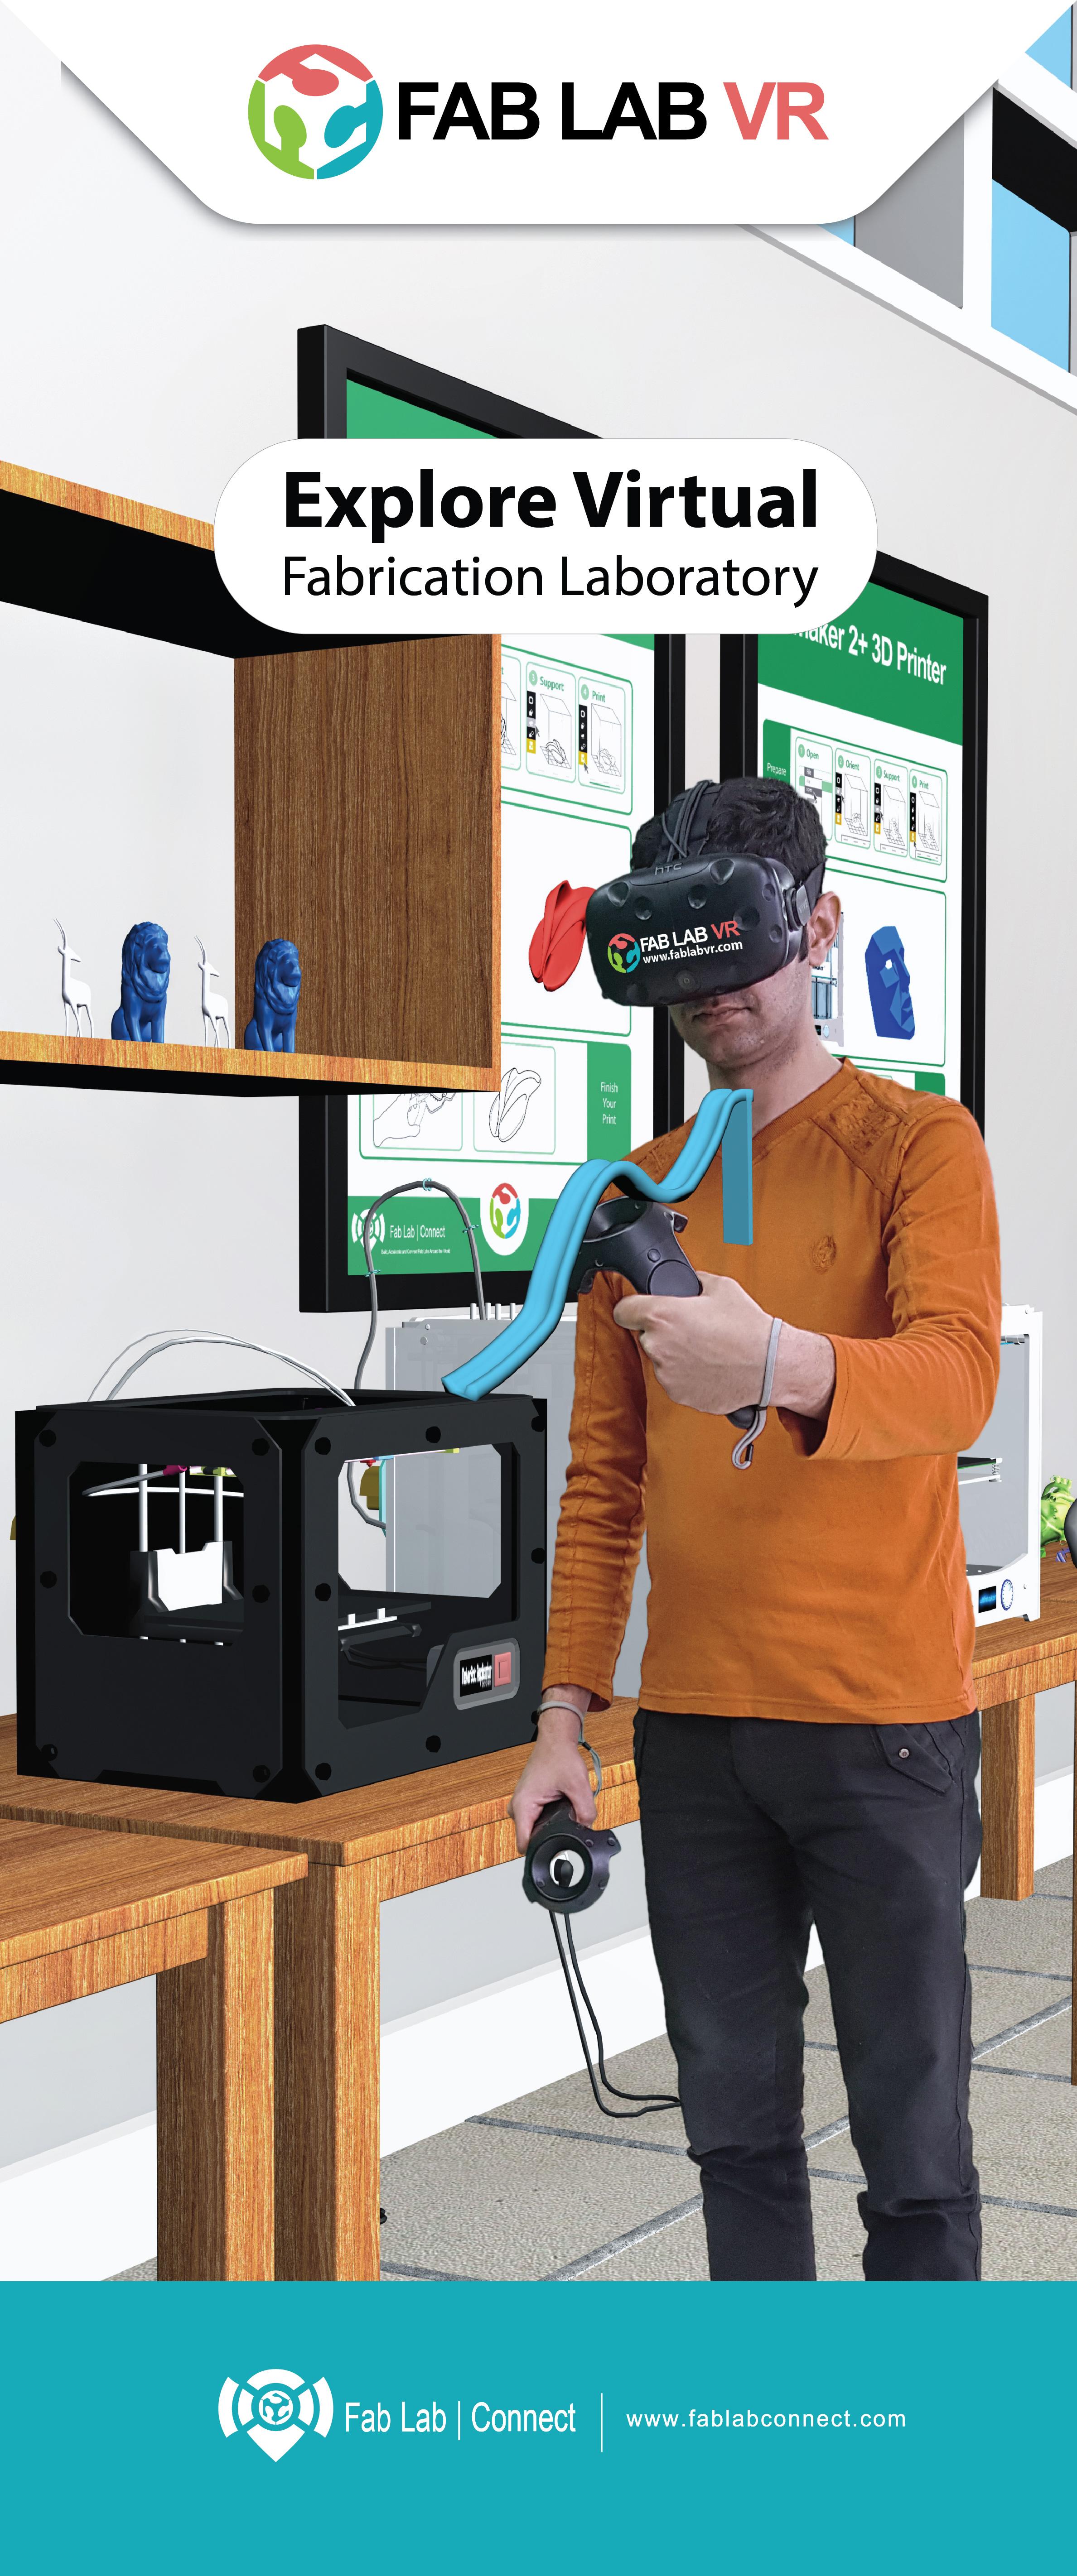 Fab Lab VR